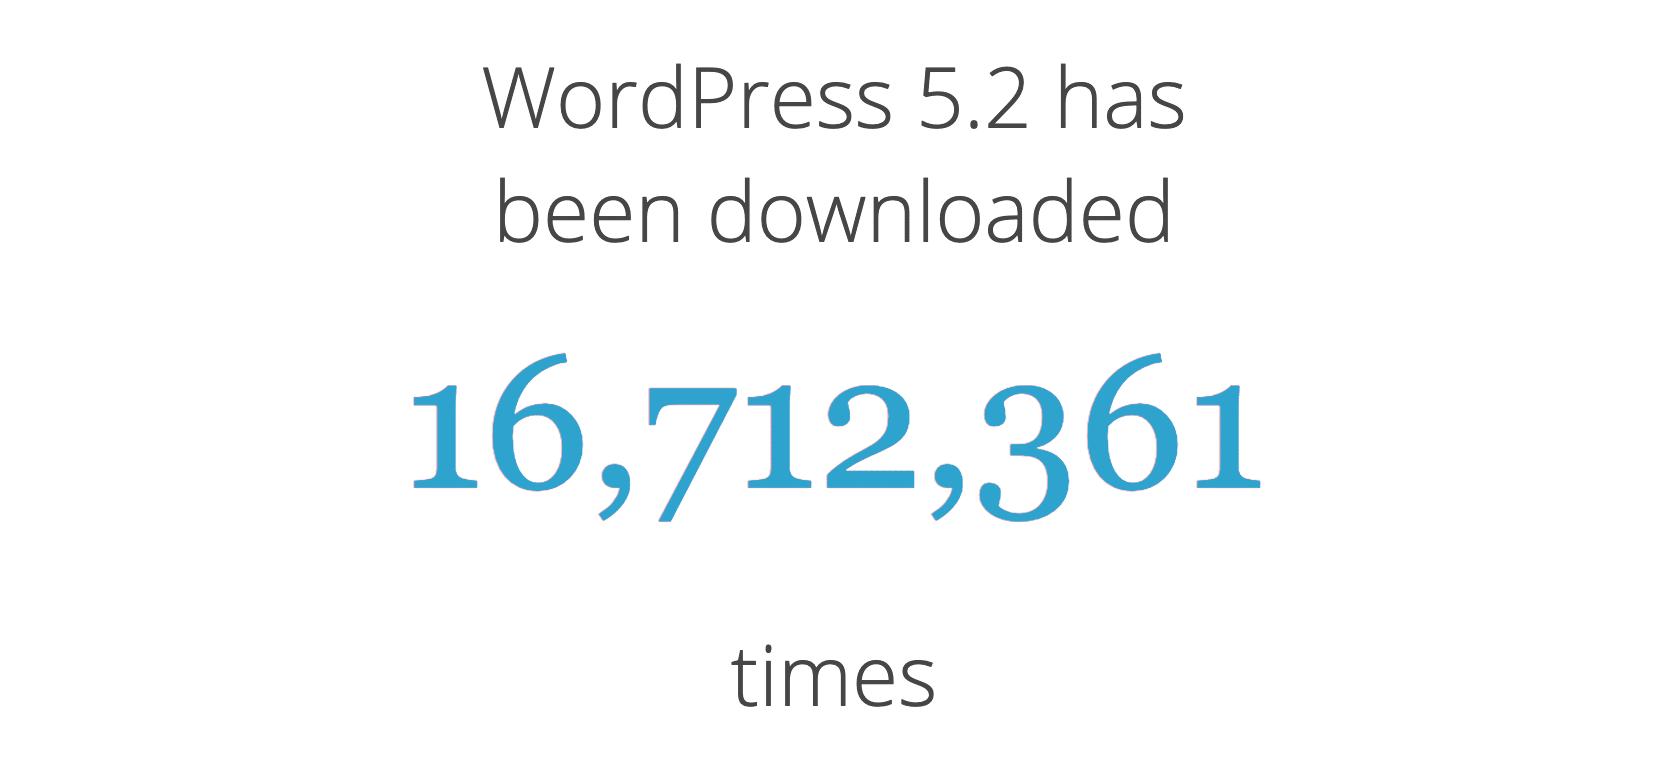 Conteggio download WordPress 5.2